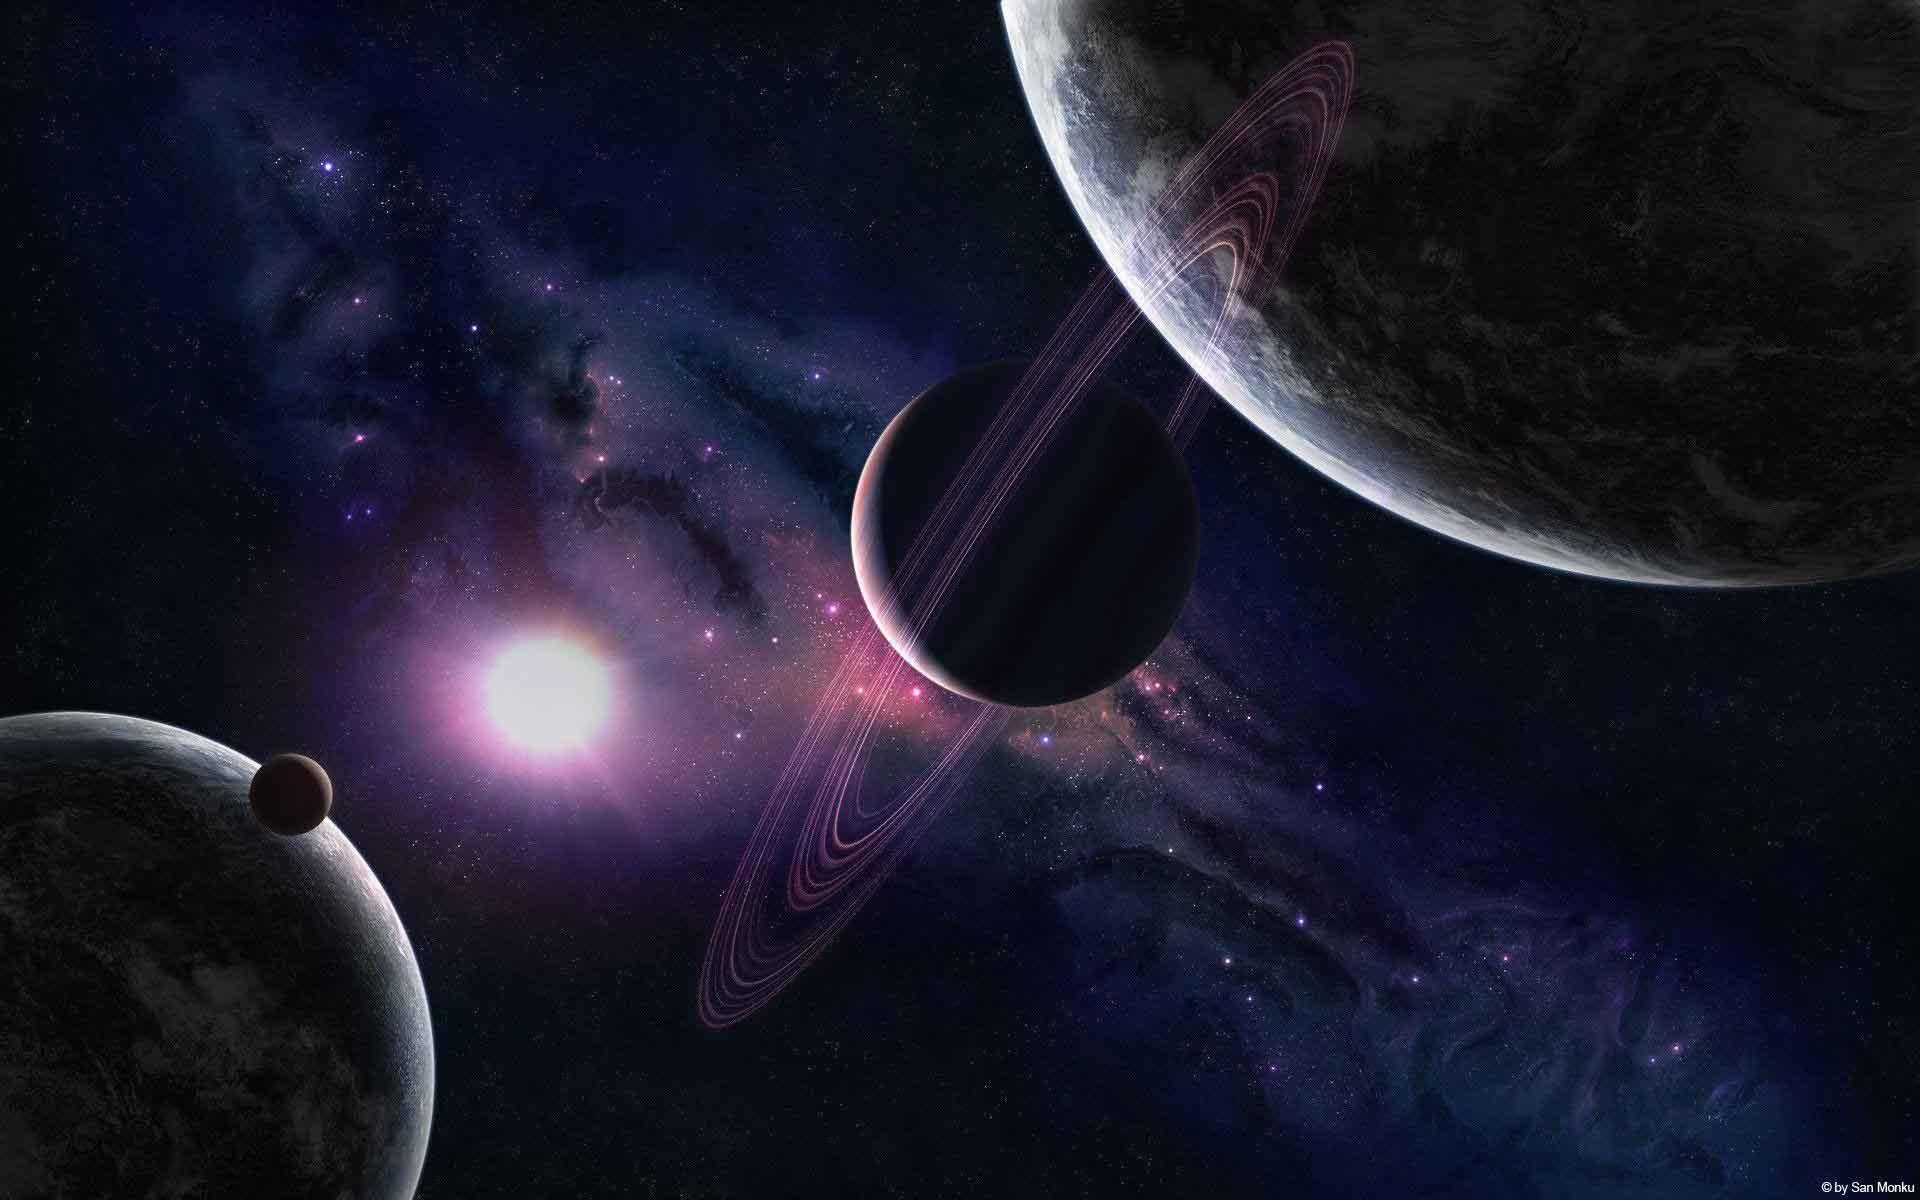 Rüyada 9 gezegeni görmek 6